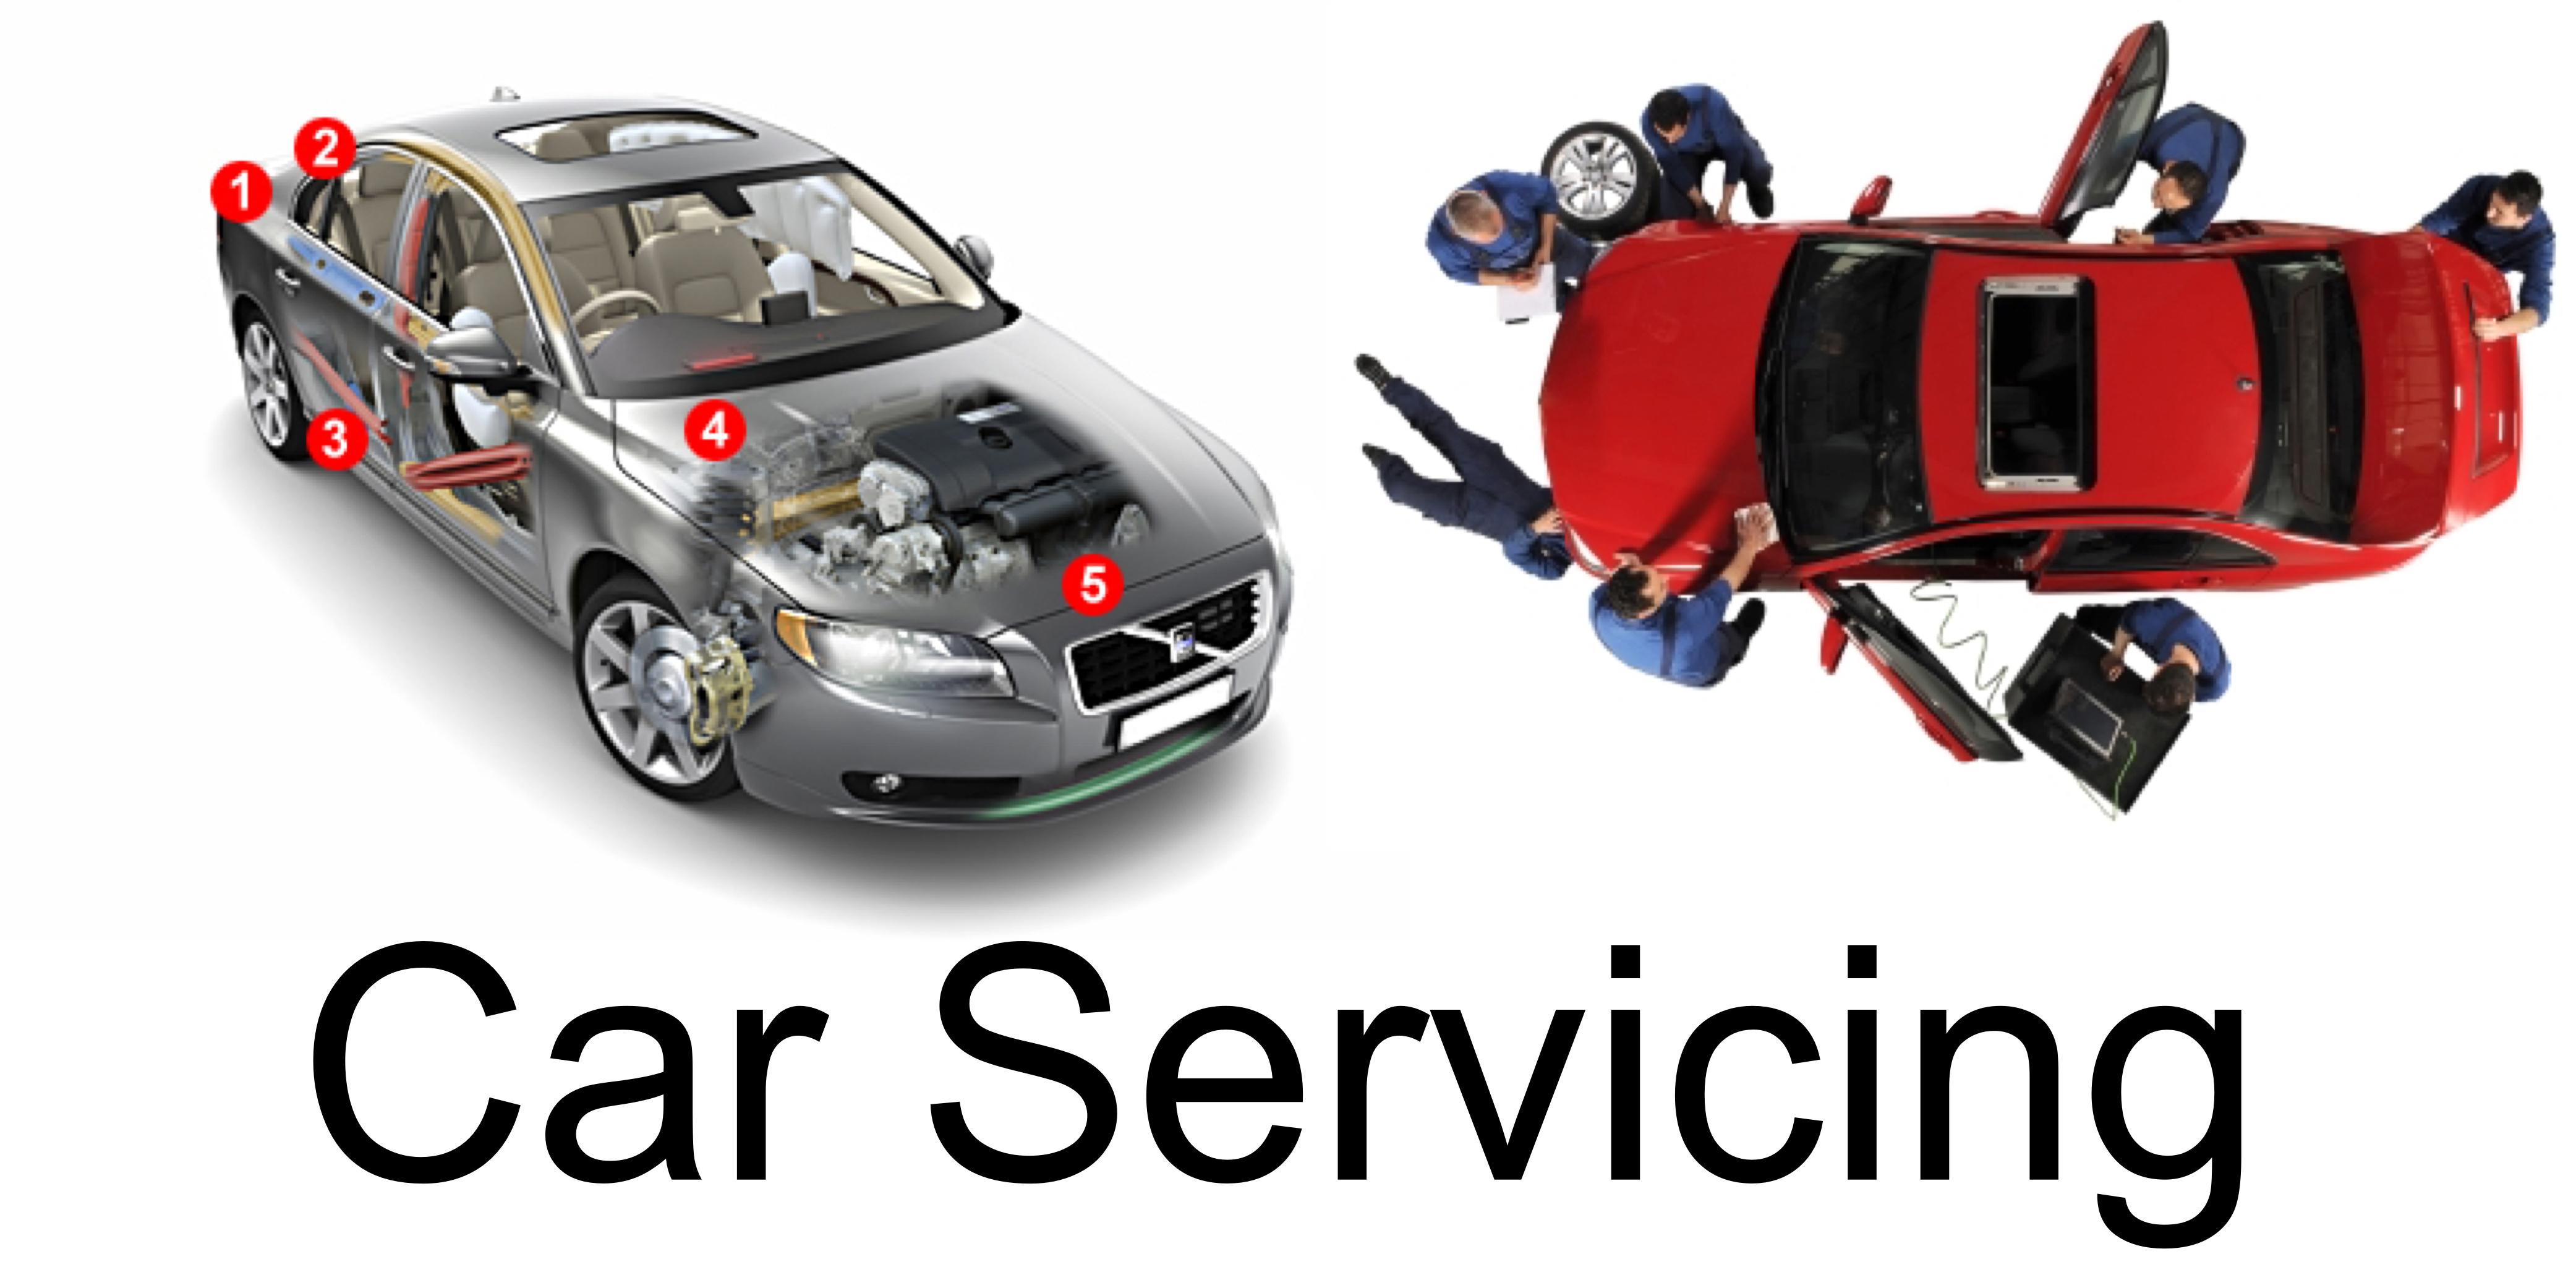 Car Servicing at Aarons Autos Derby Ltd - Aarons Autos